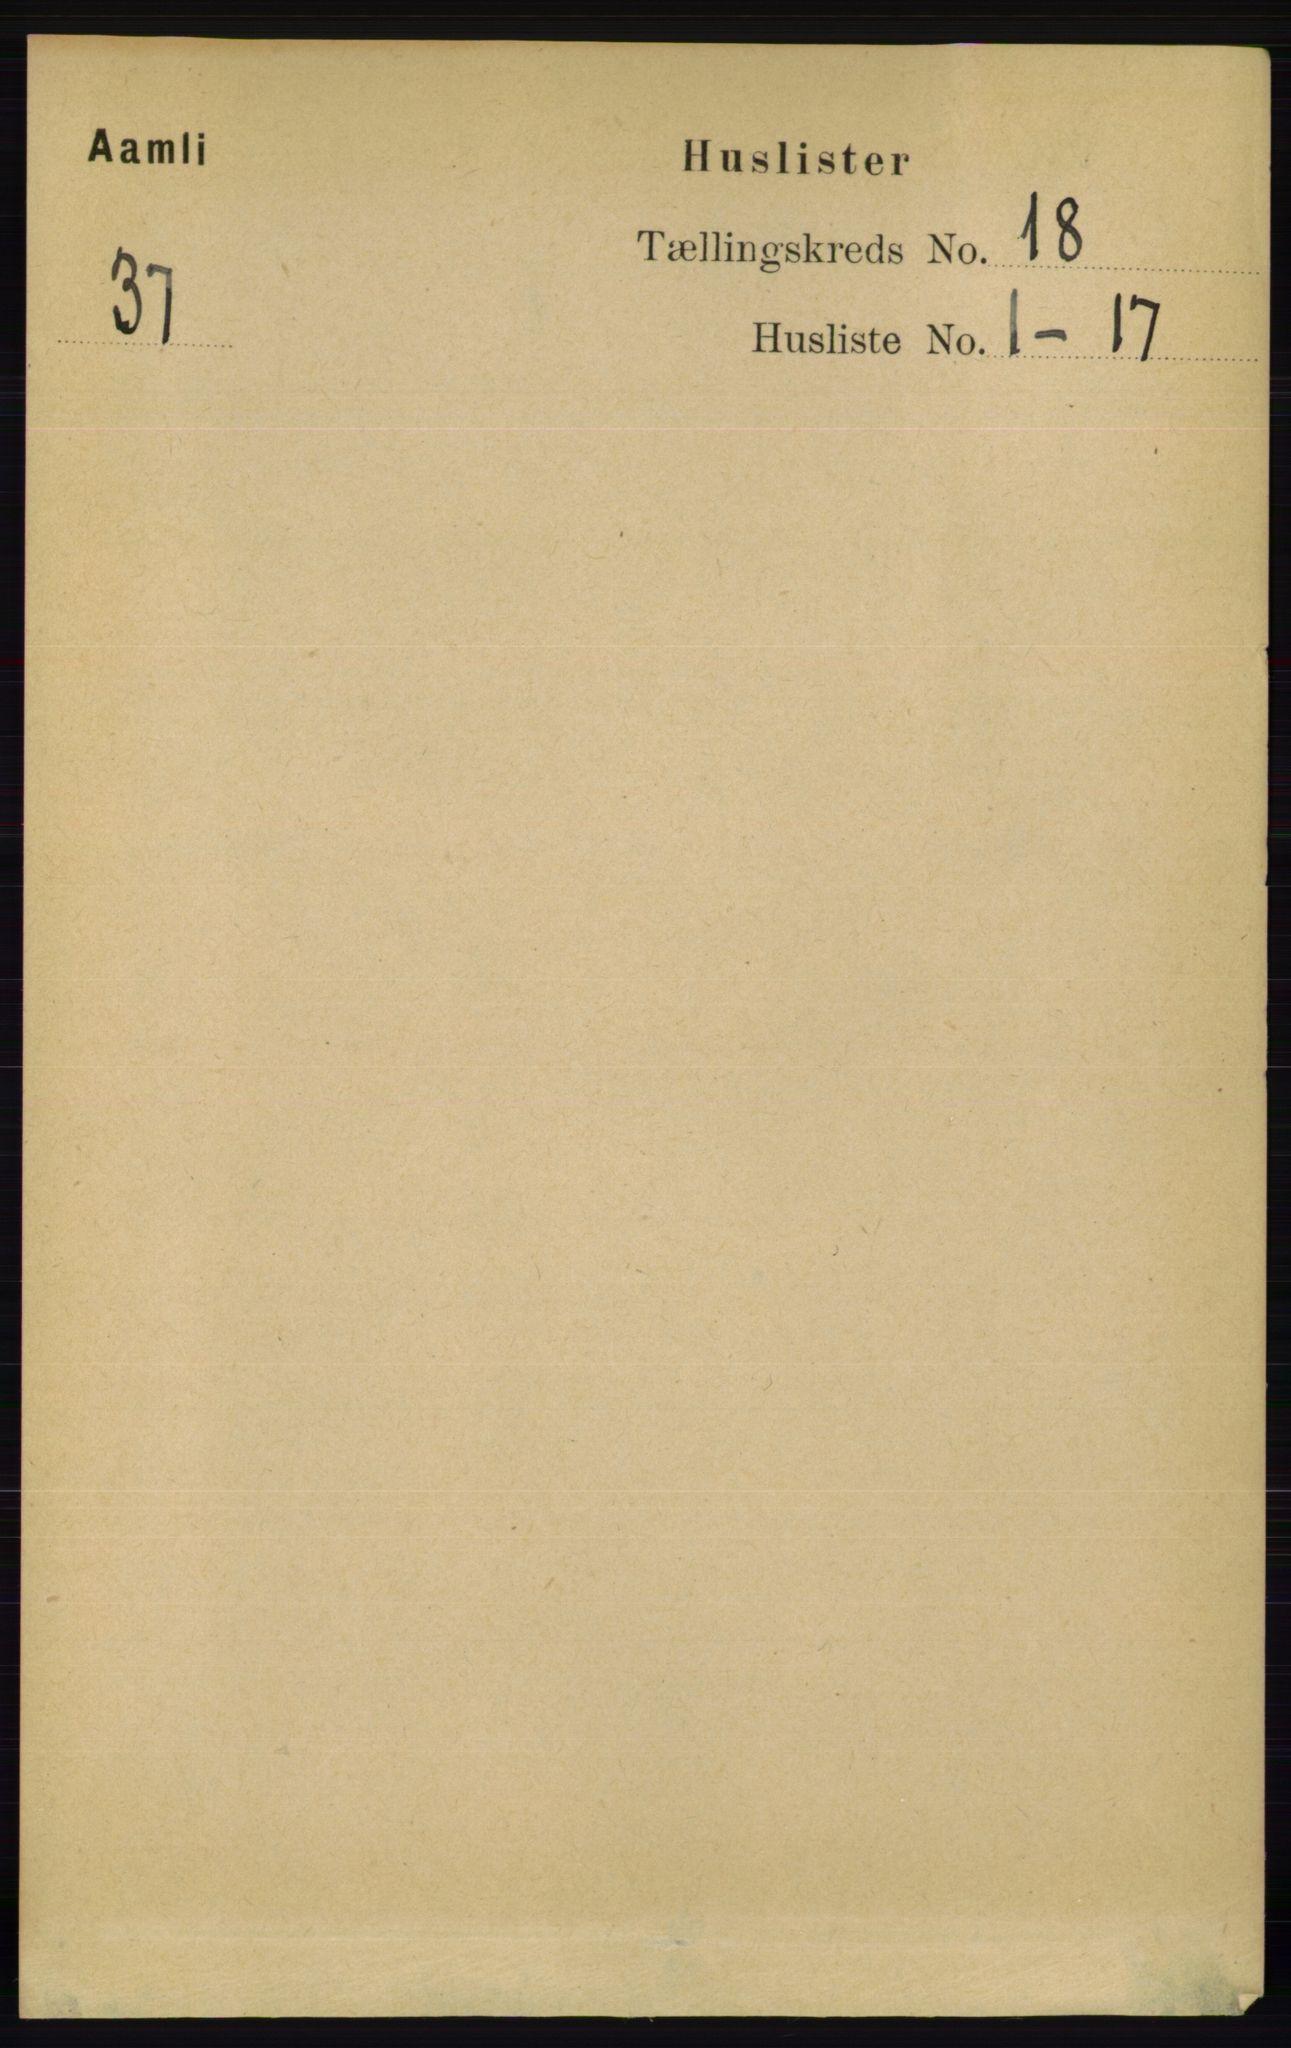 RA, Folketelling 1891 for 0929 Åmli herred, 1891, s. 2982